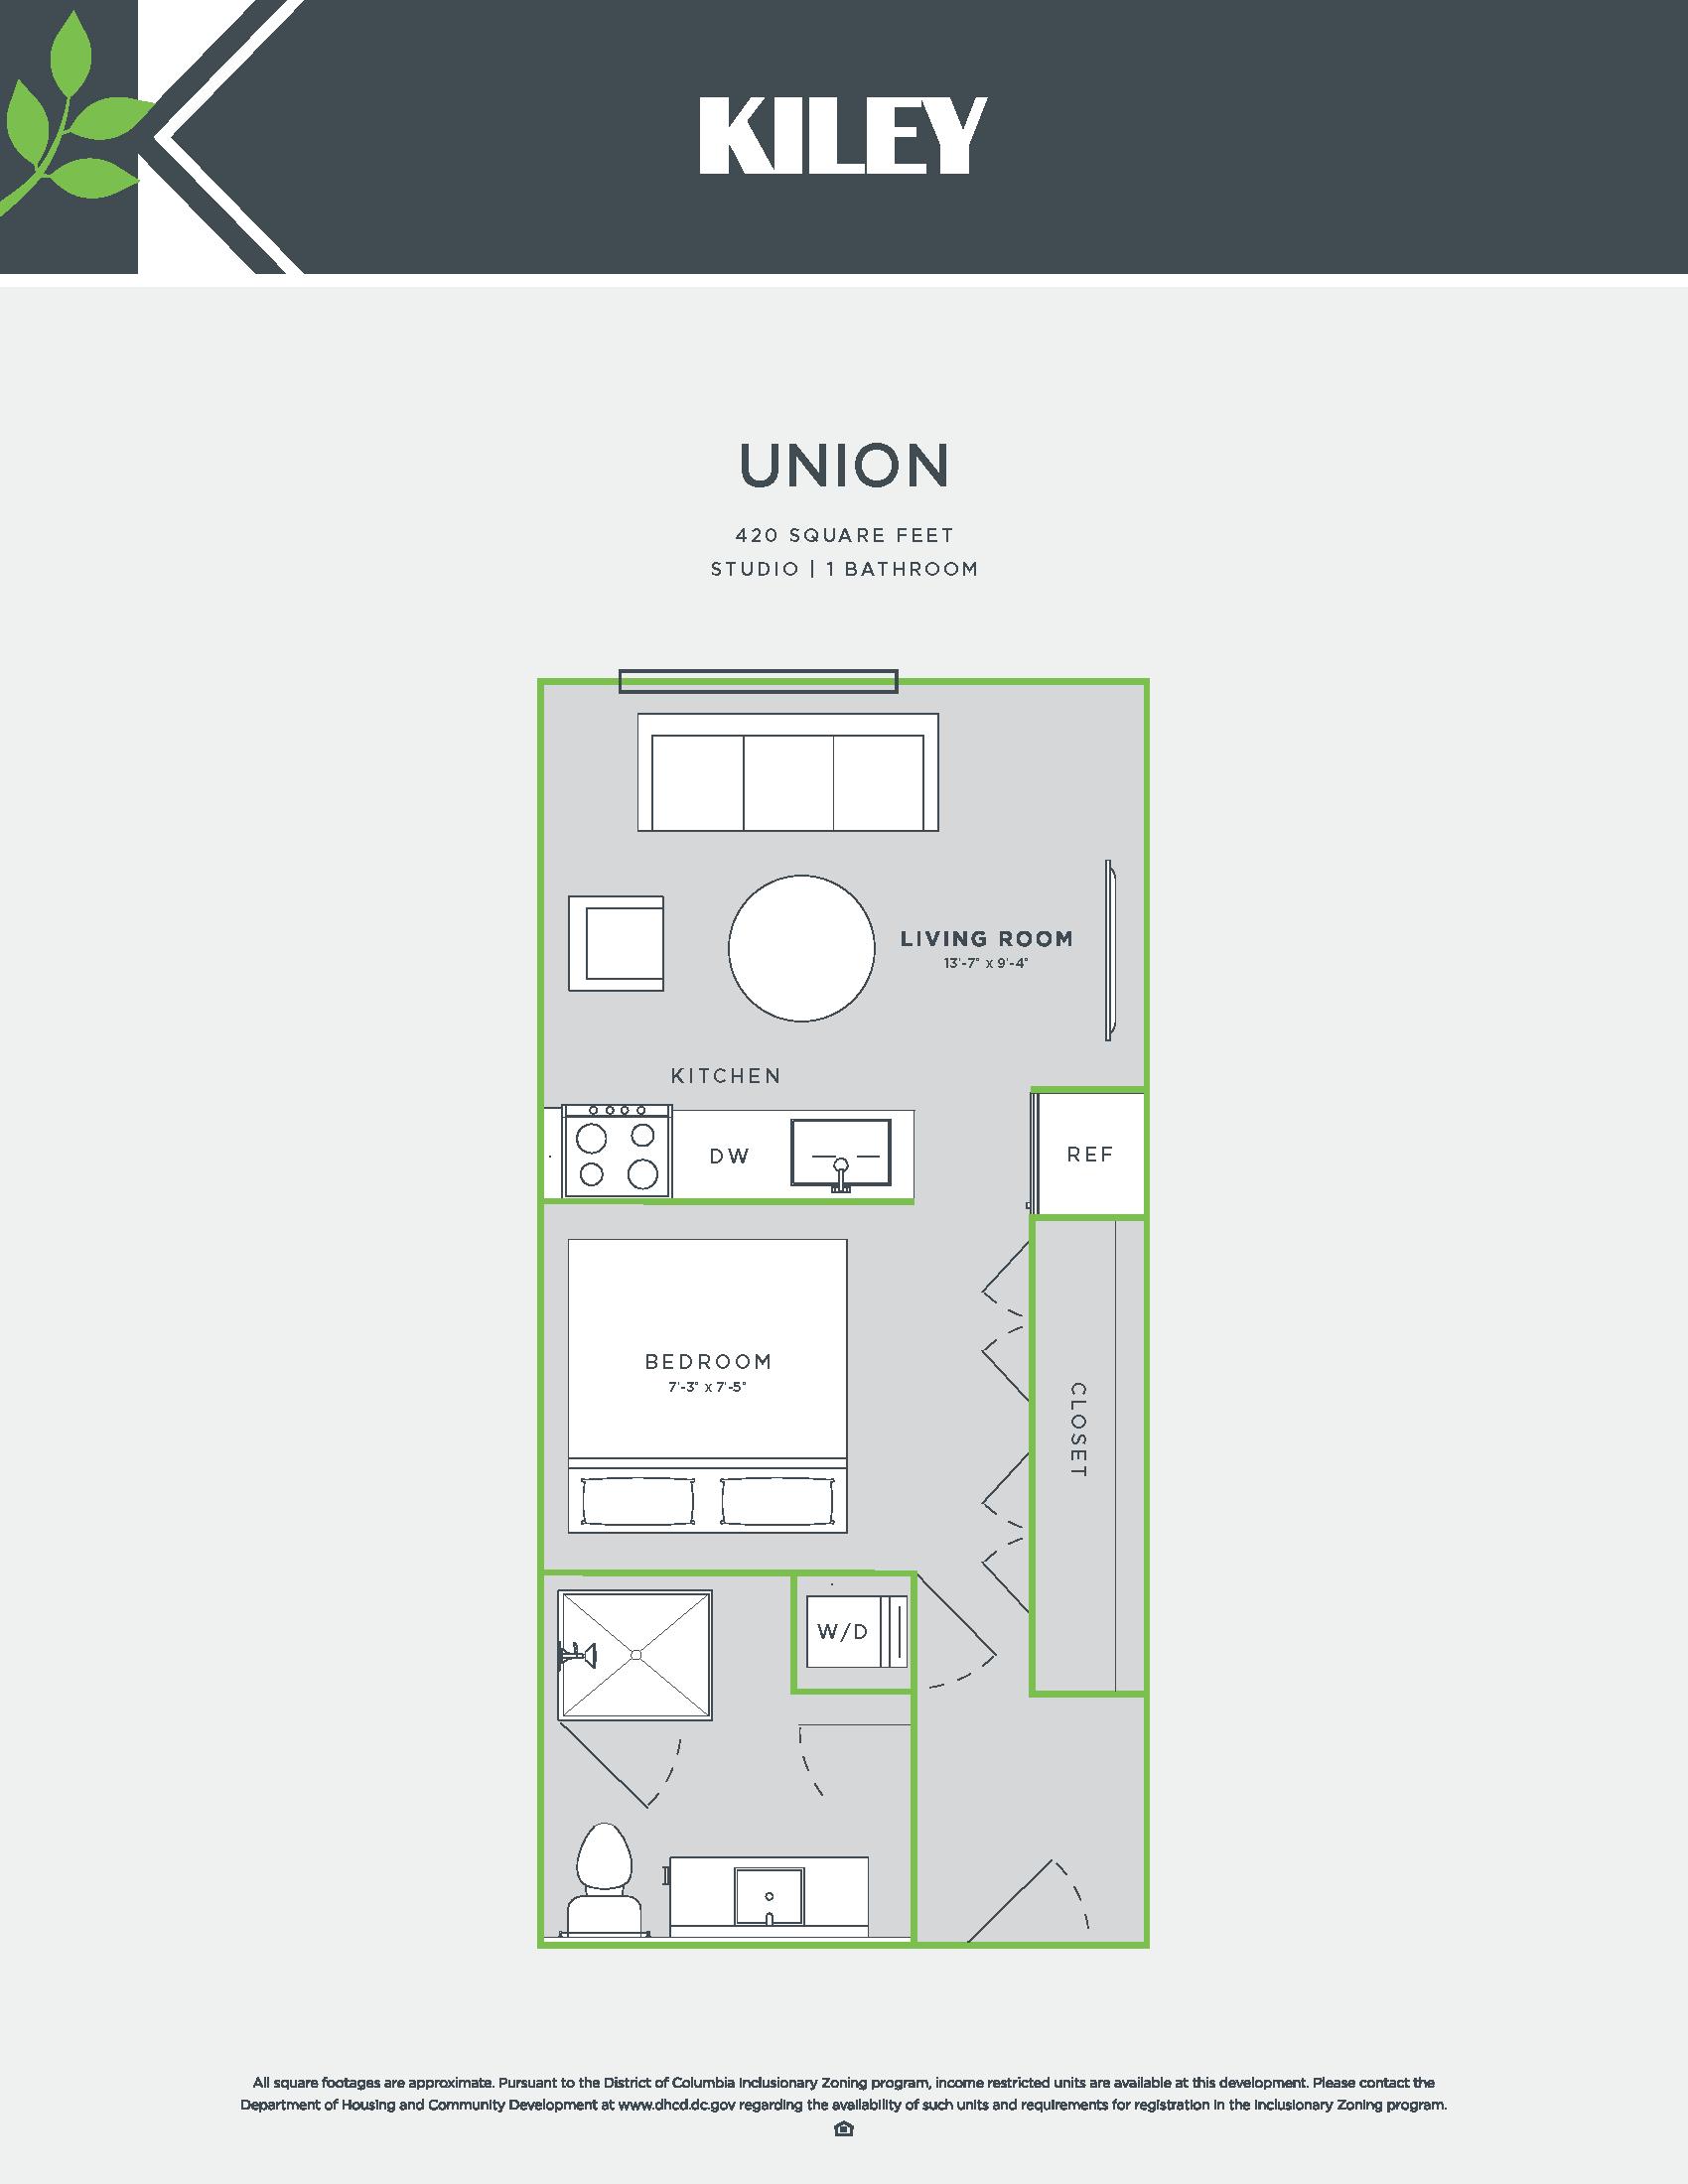 Union (studio /1 bath) Floor Plan